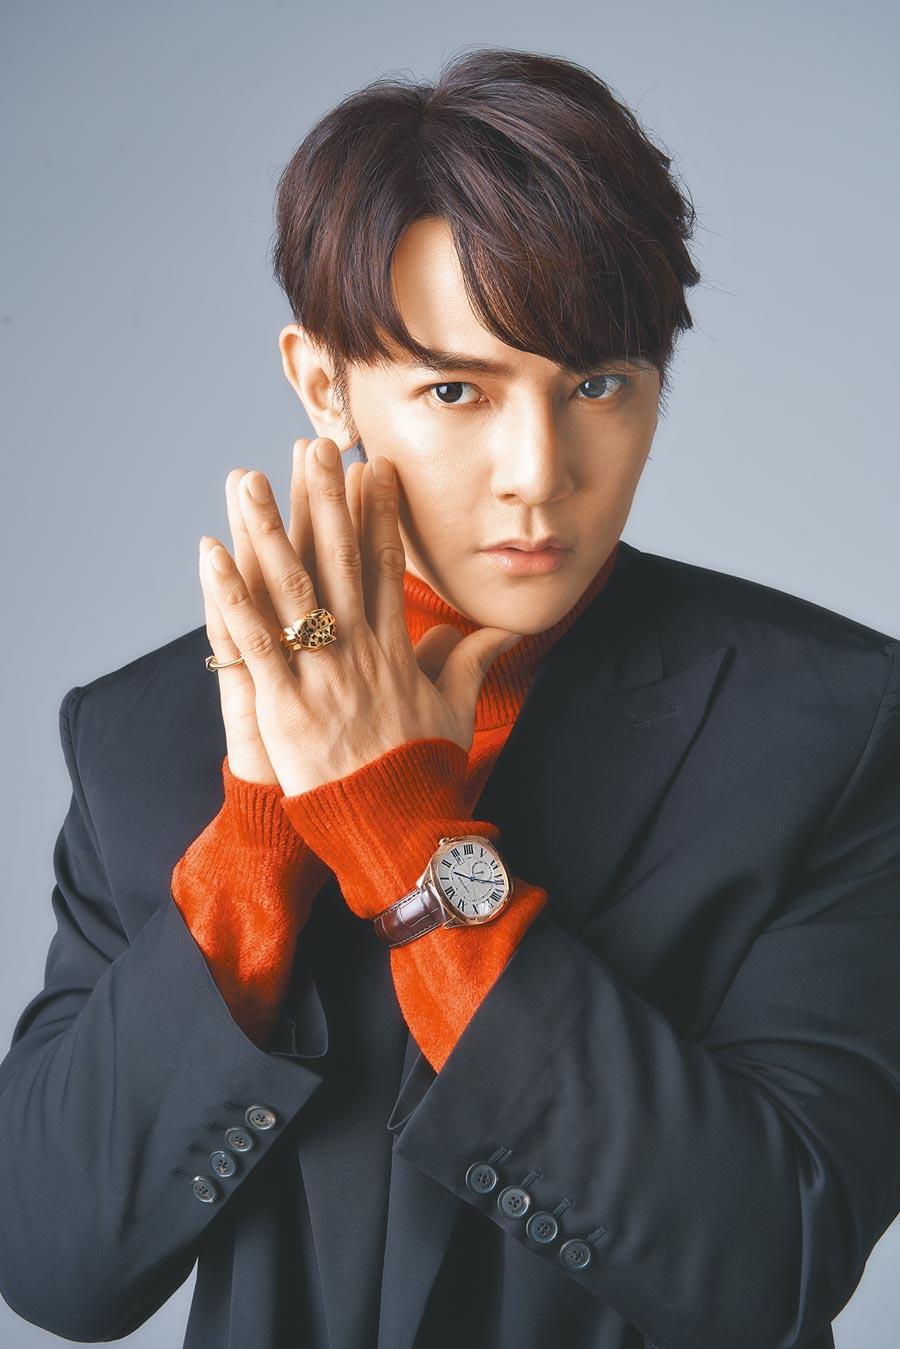 汪東城趁著拍戲空檔返台接受本報專題棚拍,開心重返他熱愛的時尚。(JOJ PHOTO攝)